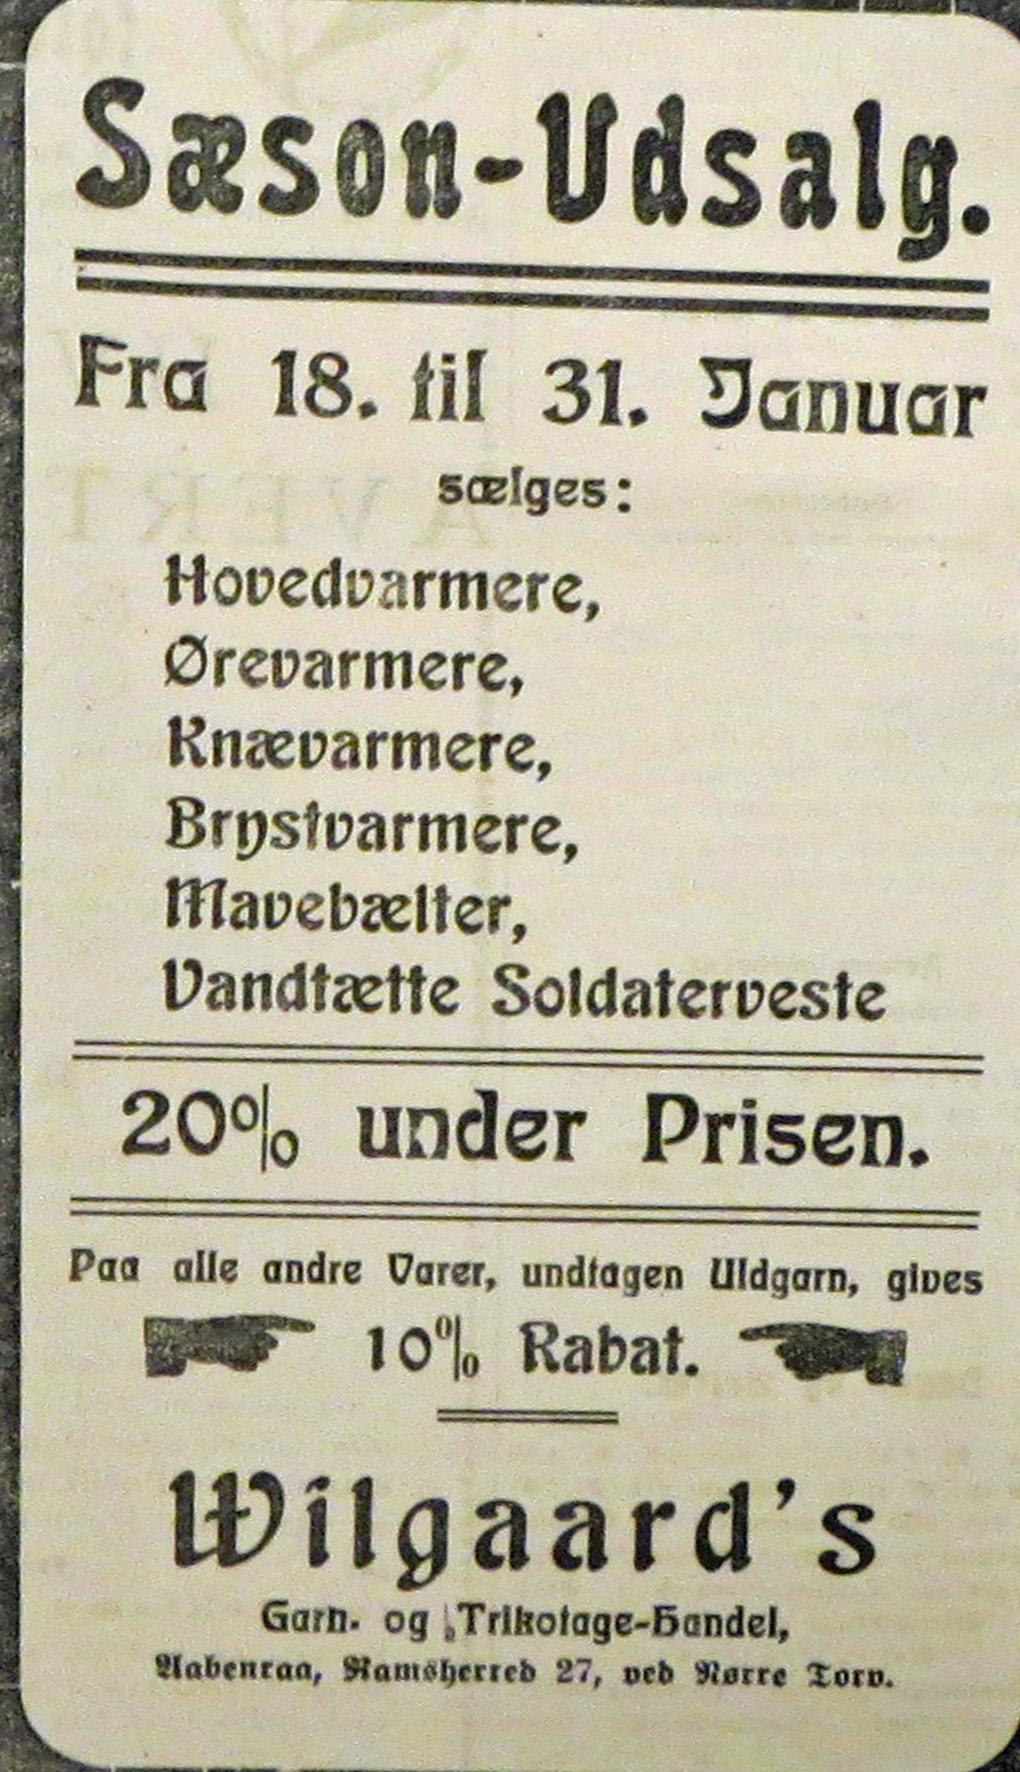 25. januar 1915. Januarudsalg: Køb varmt tøj til soldaterne! Nedsat pris!